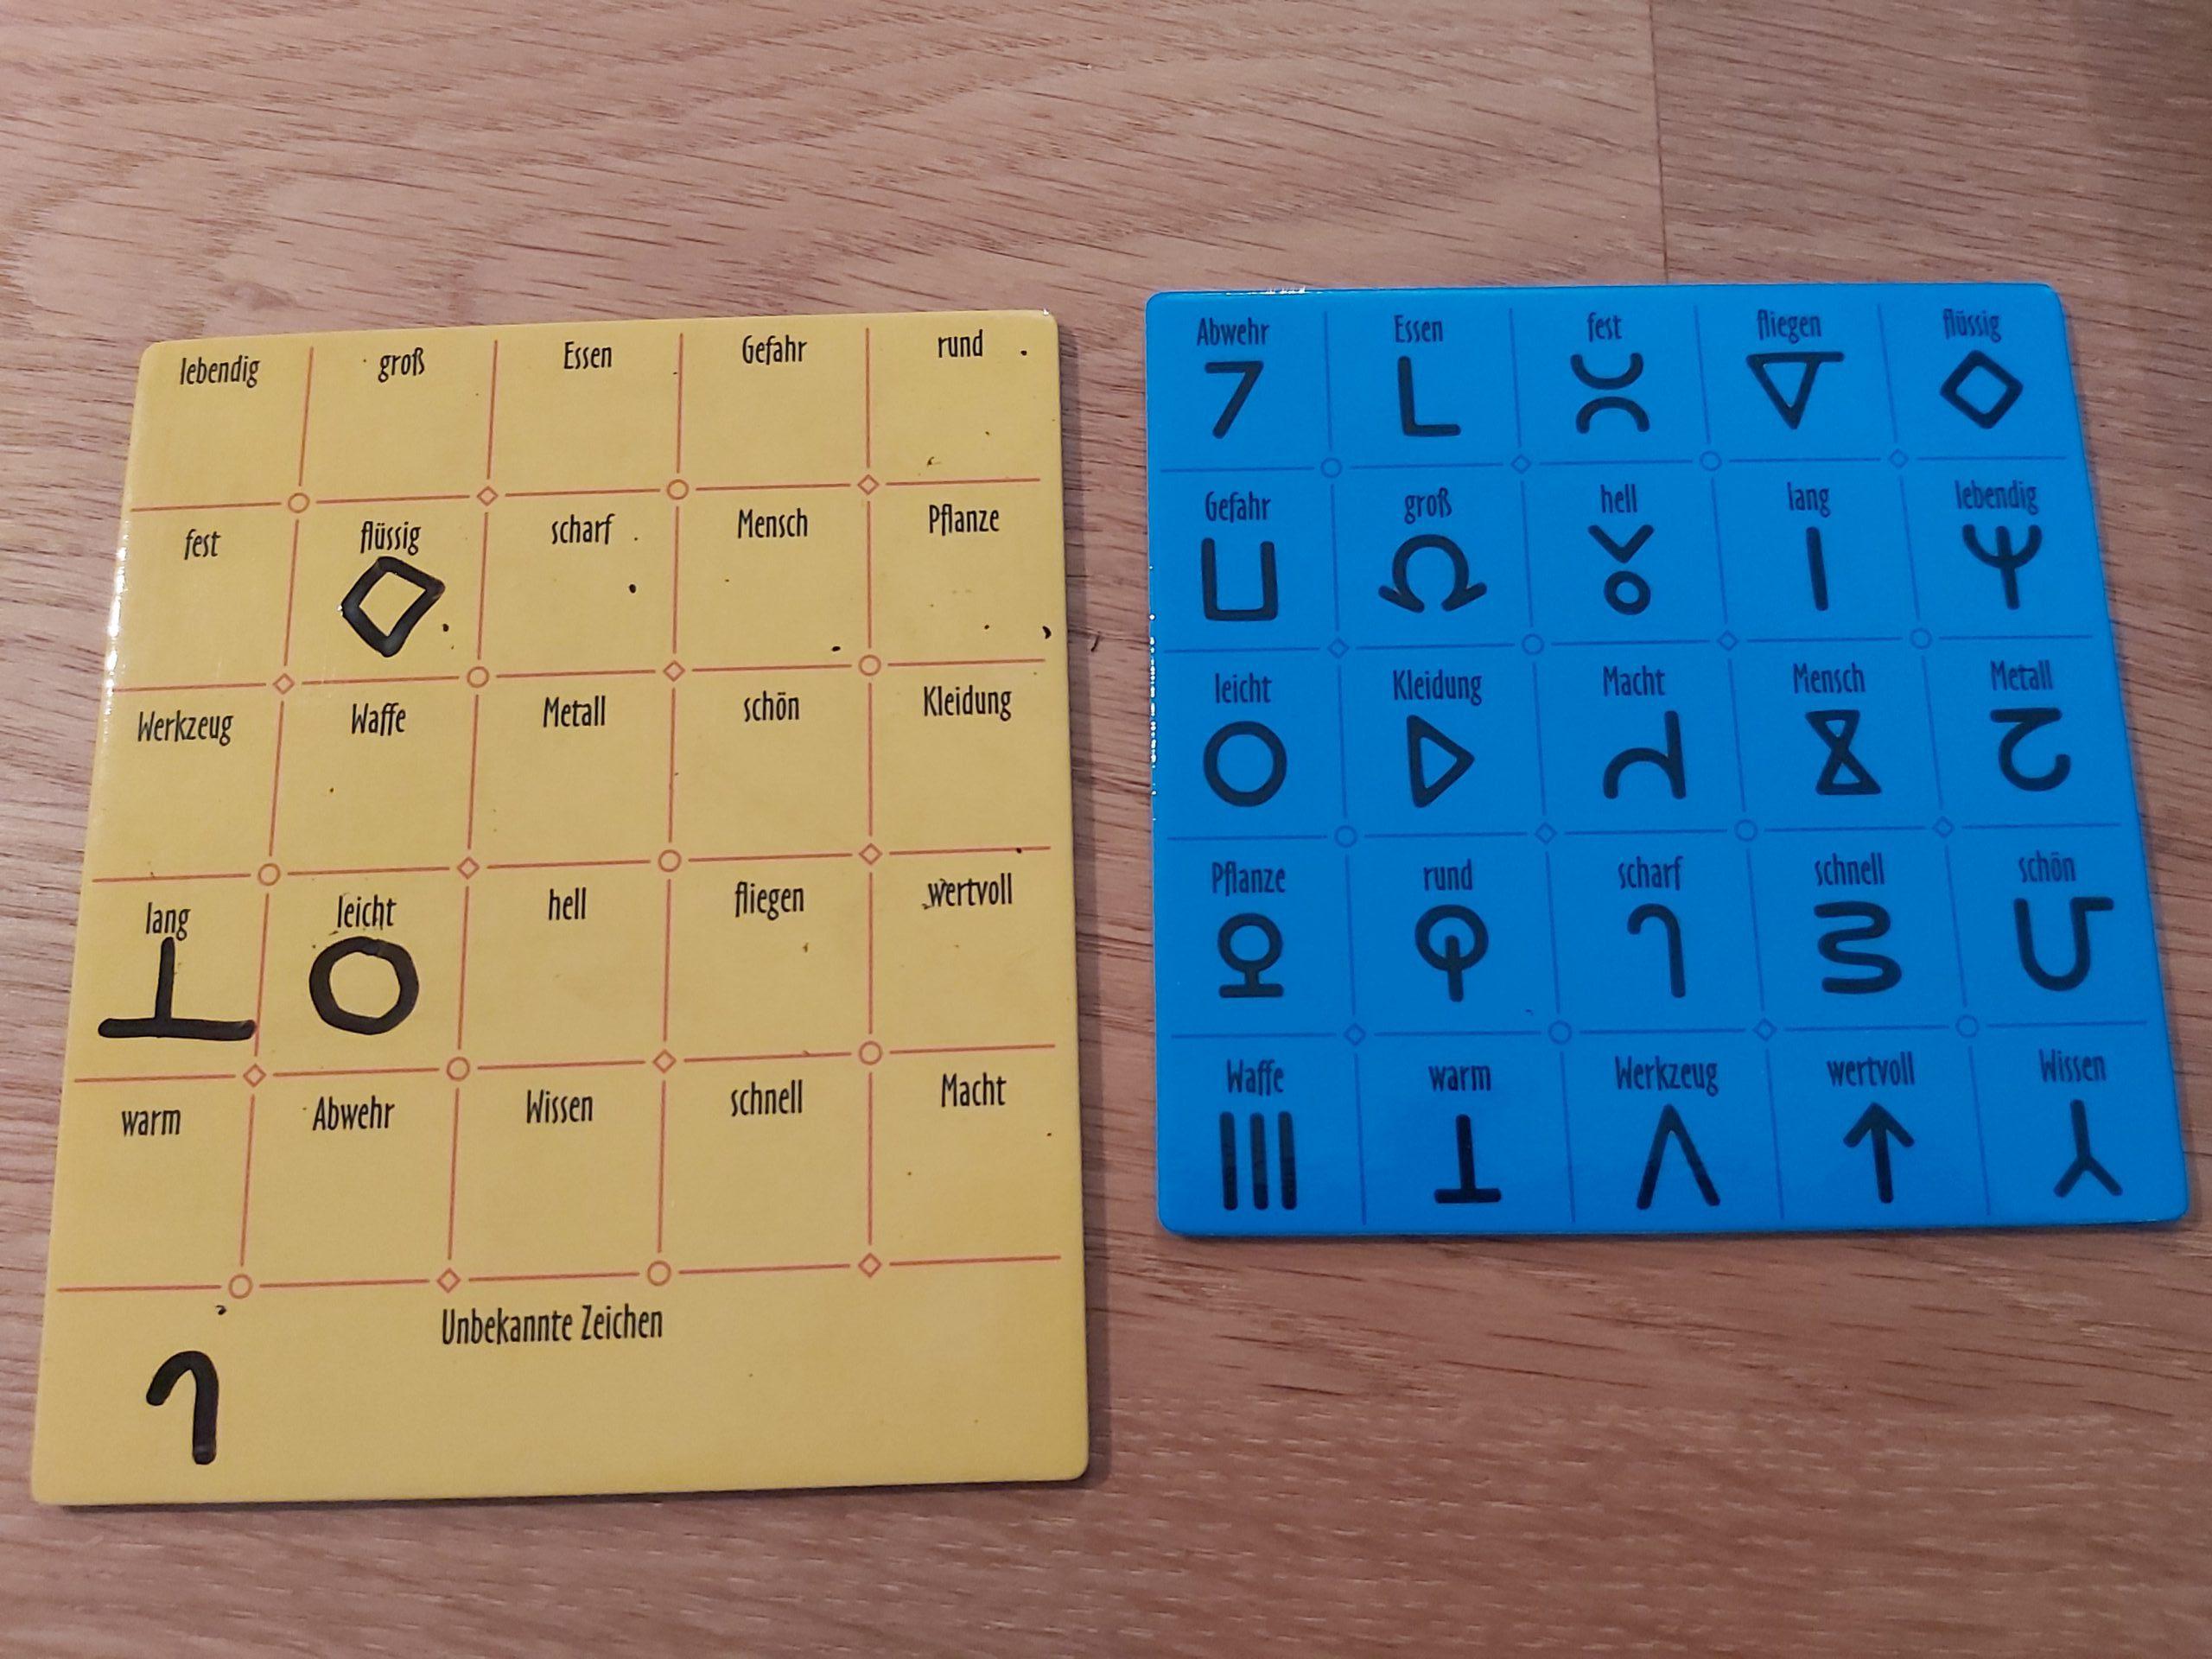 Zu sehen sind die Kommunikationstafeln der Ägypter:innen & Außerirdischen.